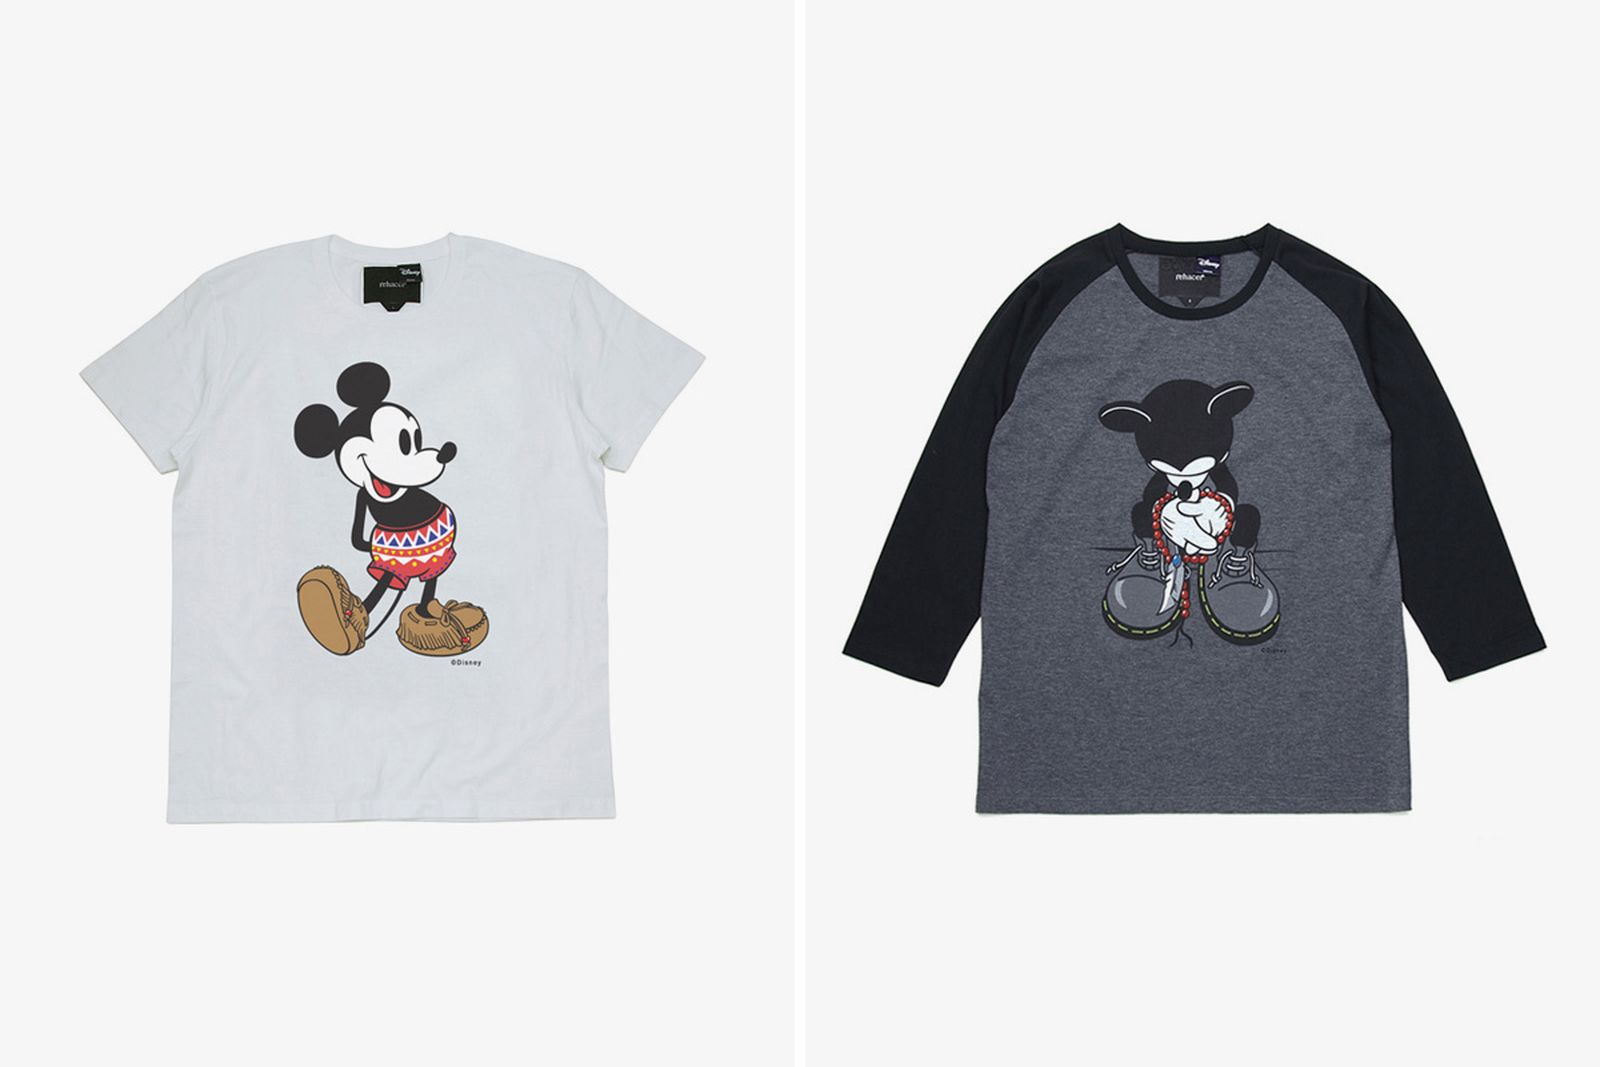 Disney-x-rehacer